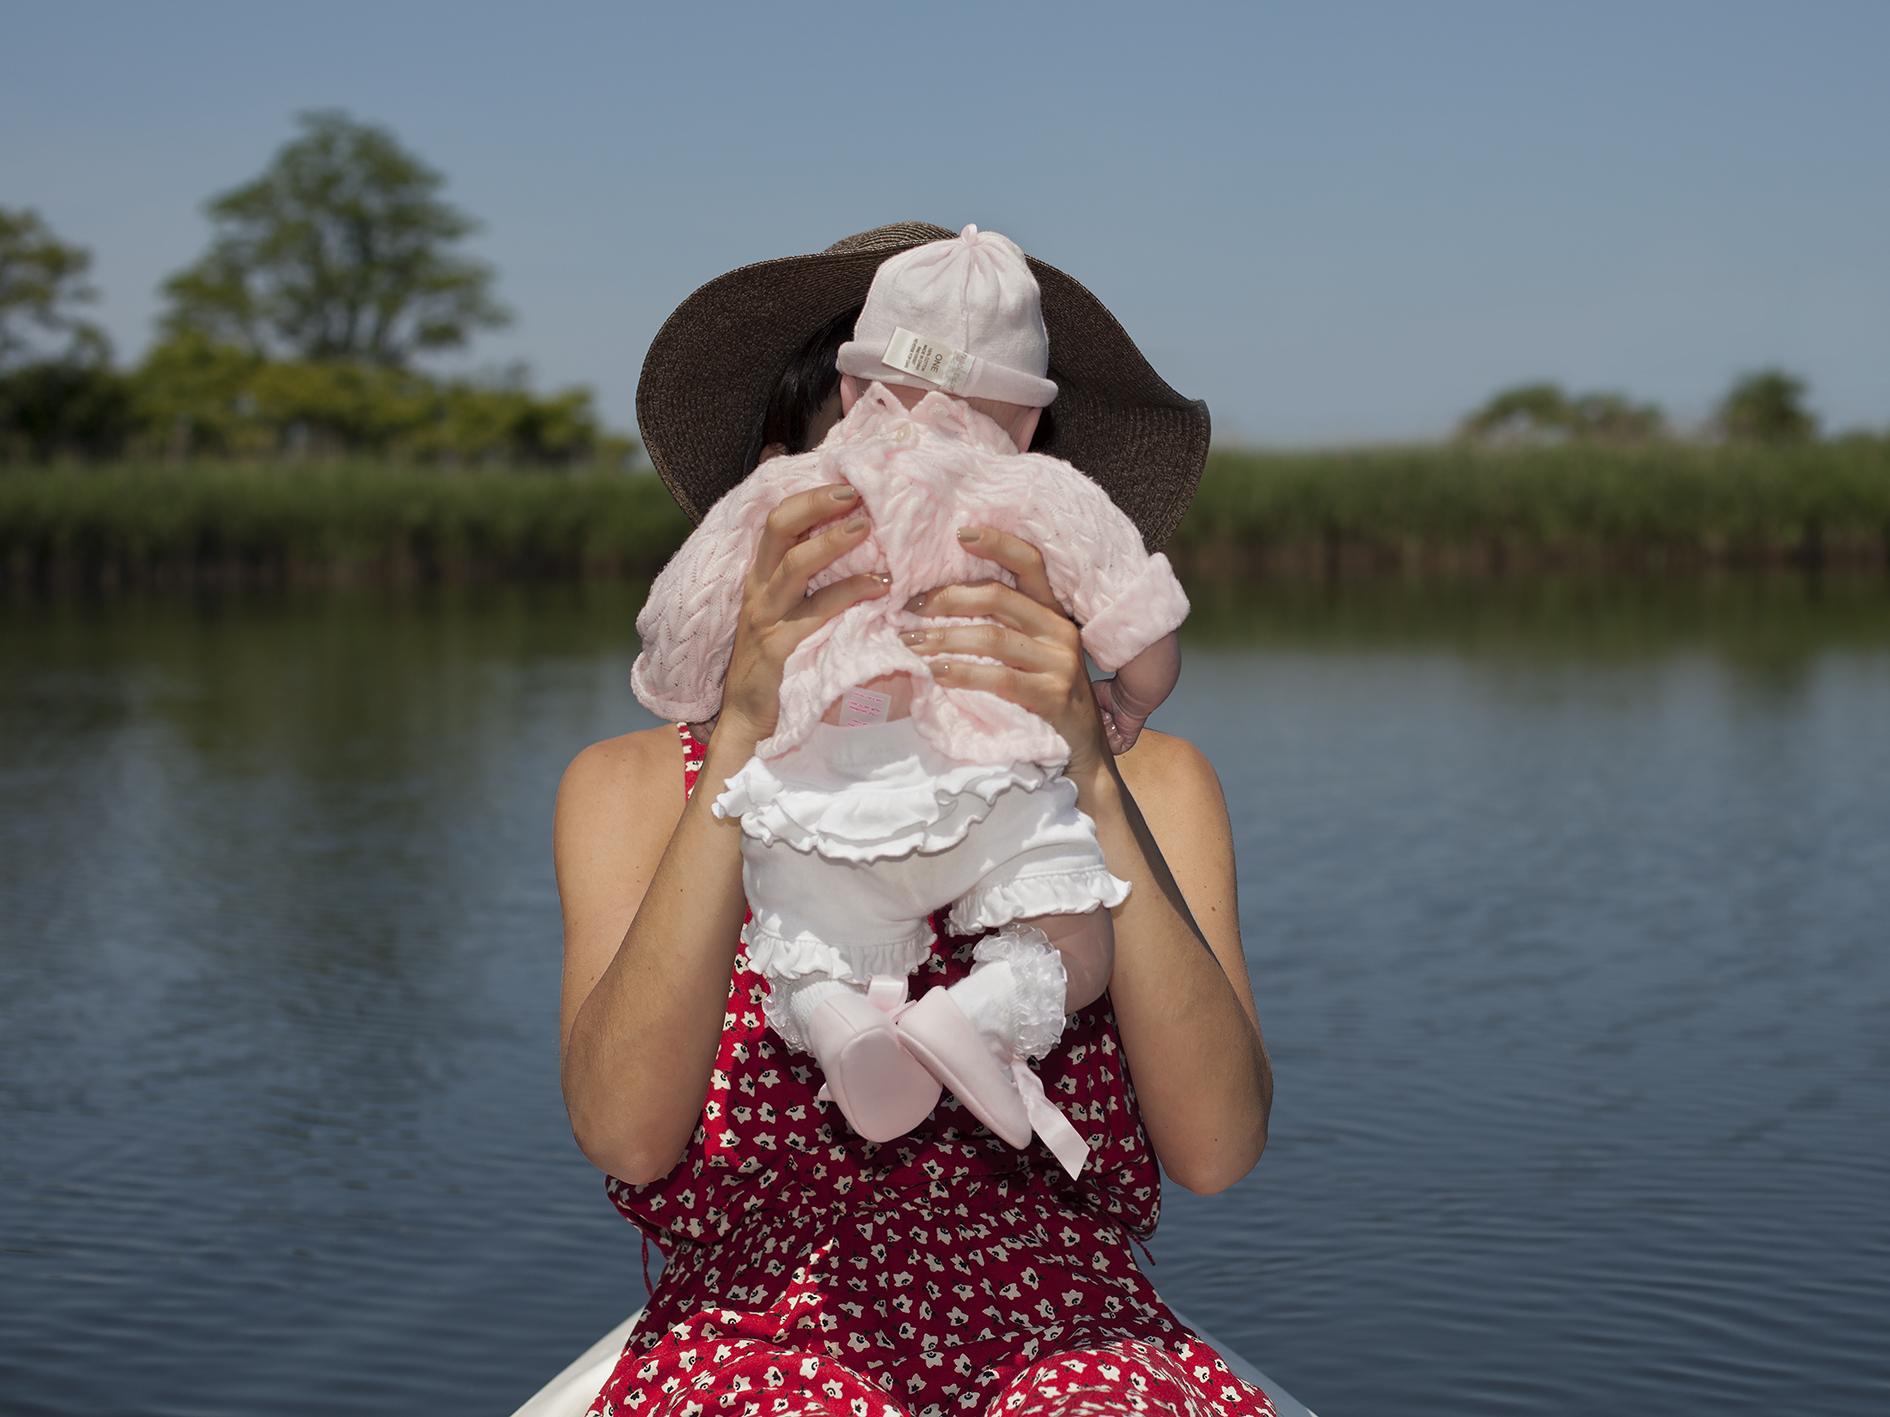 Jamie Diamond, Nine Months of Reborning, 2014